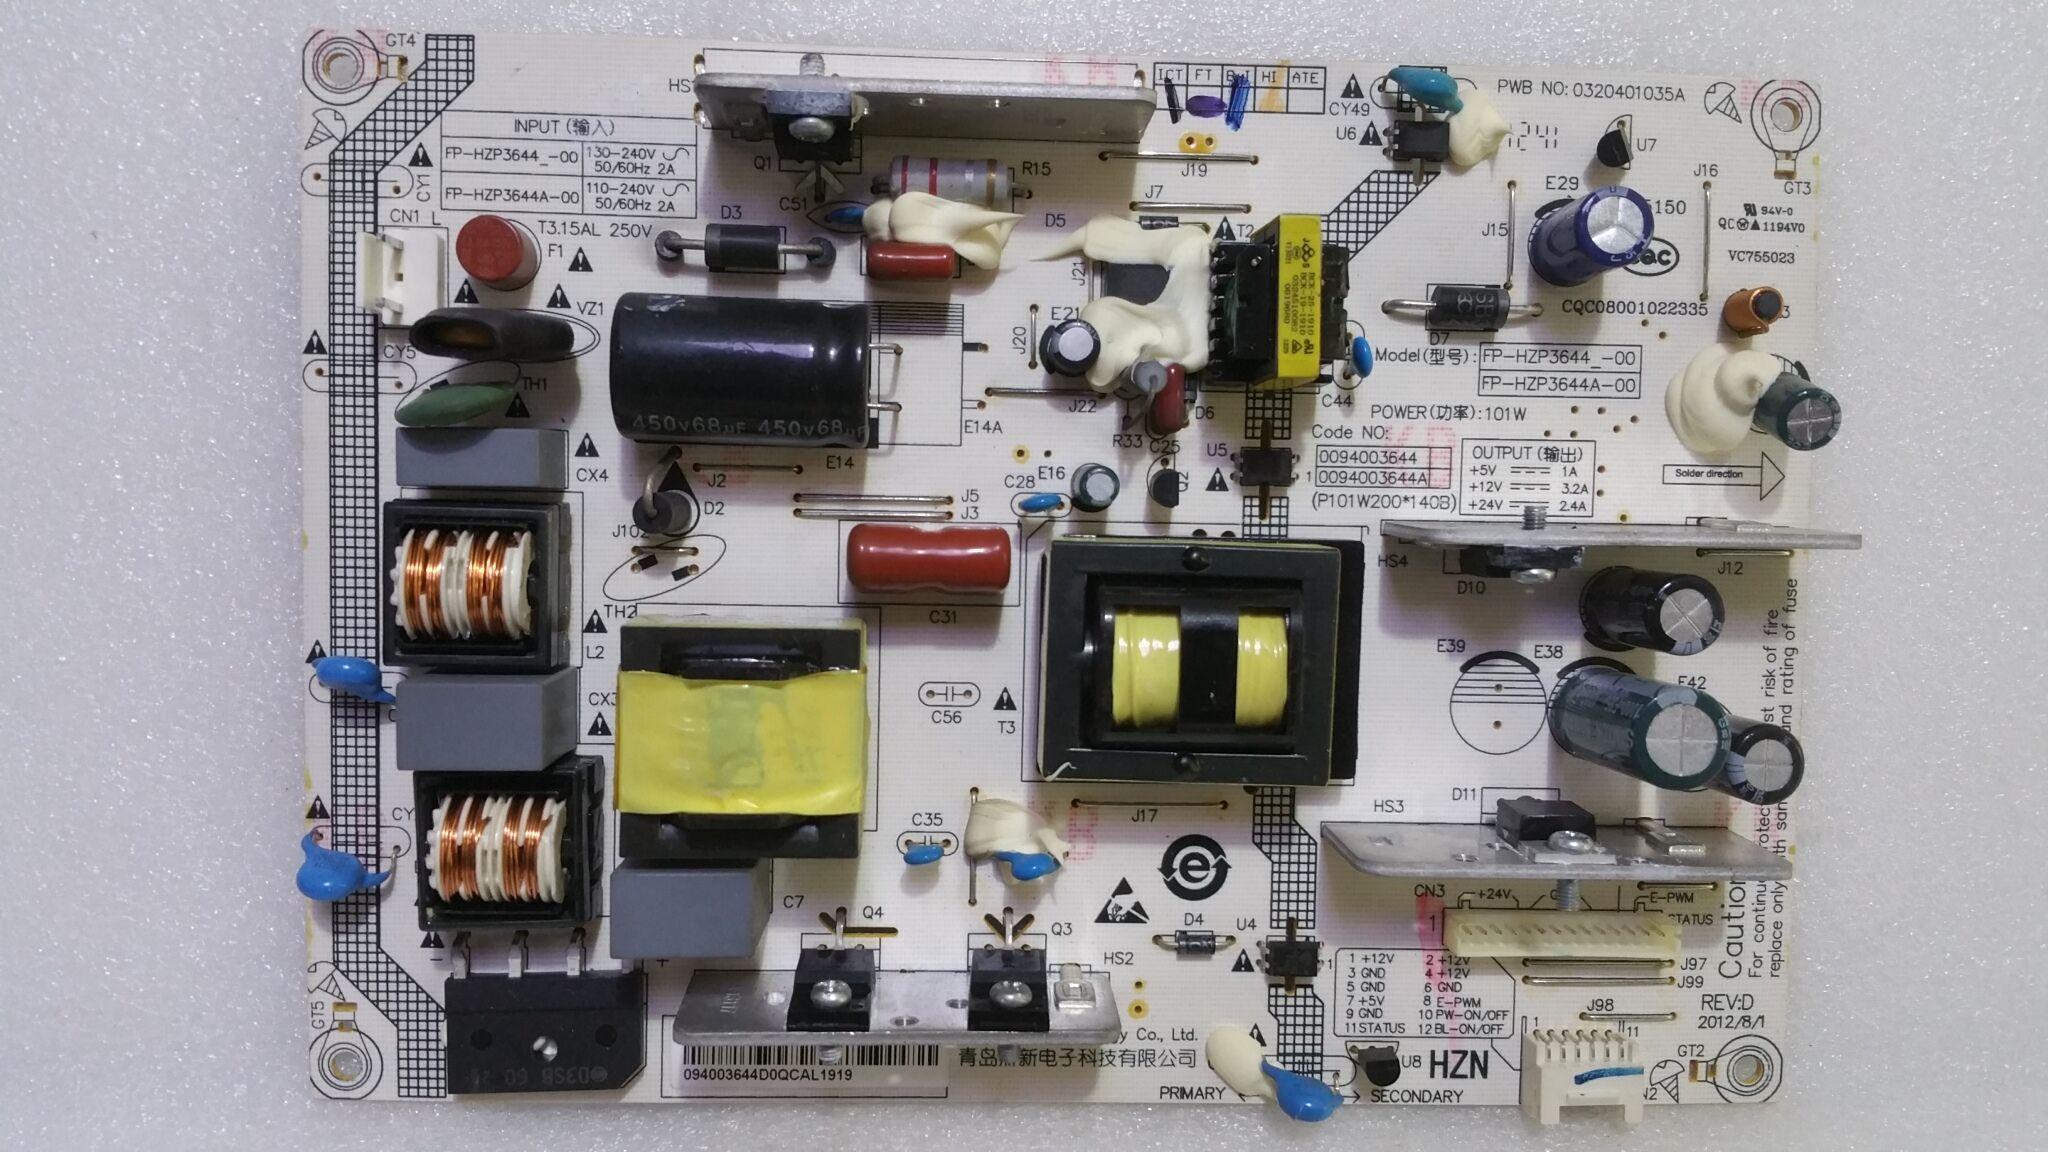 海尔h42e07 fp-hzp3644 v5电源板